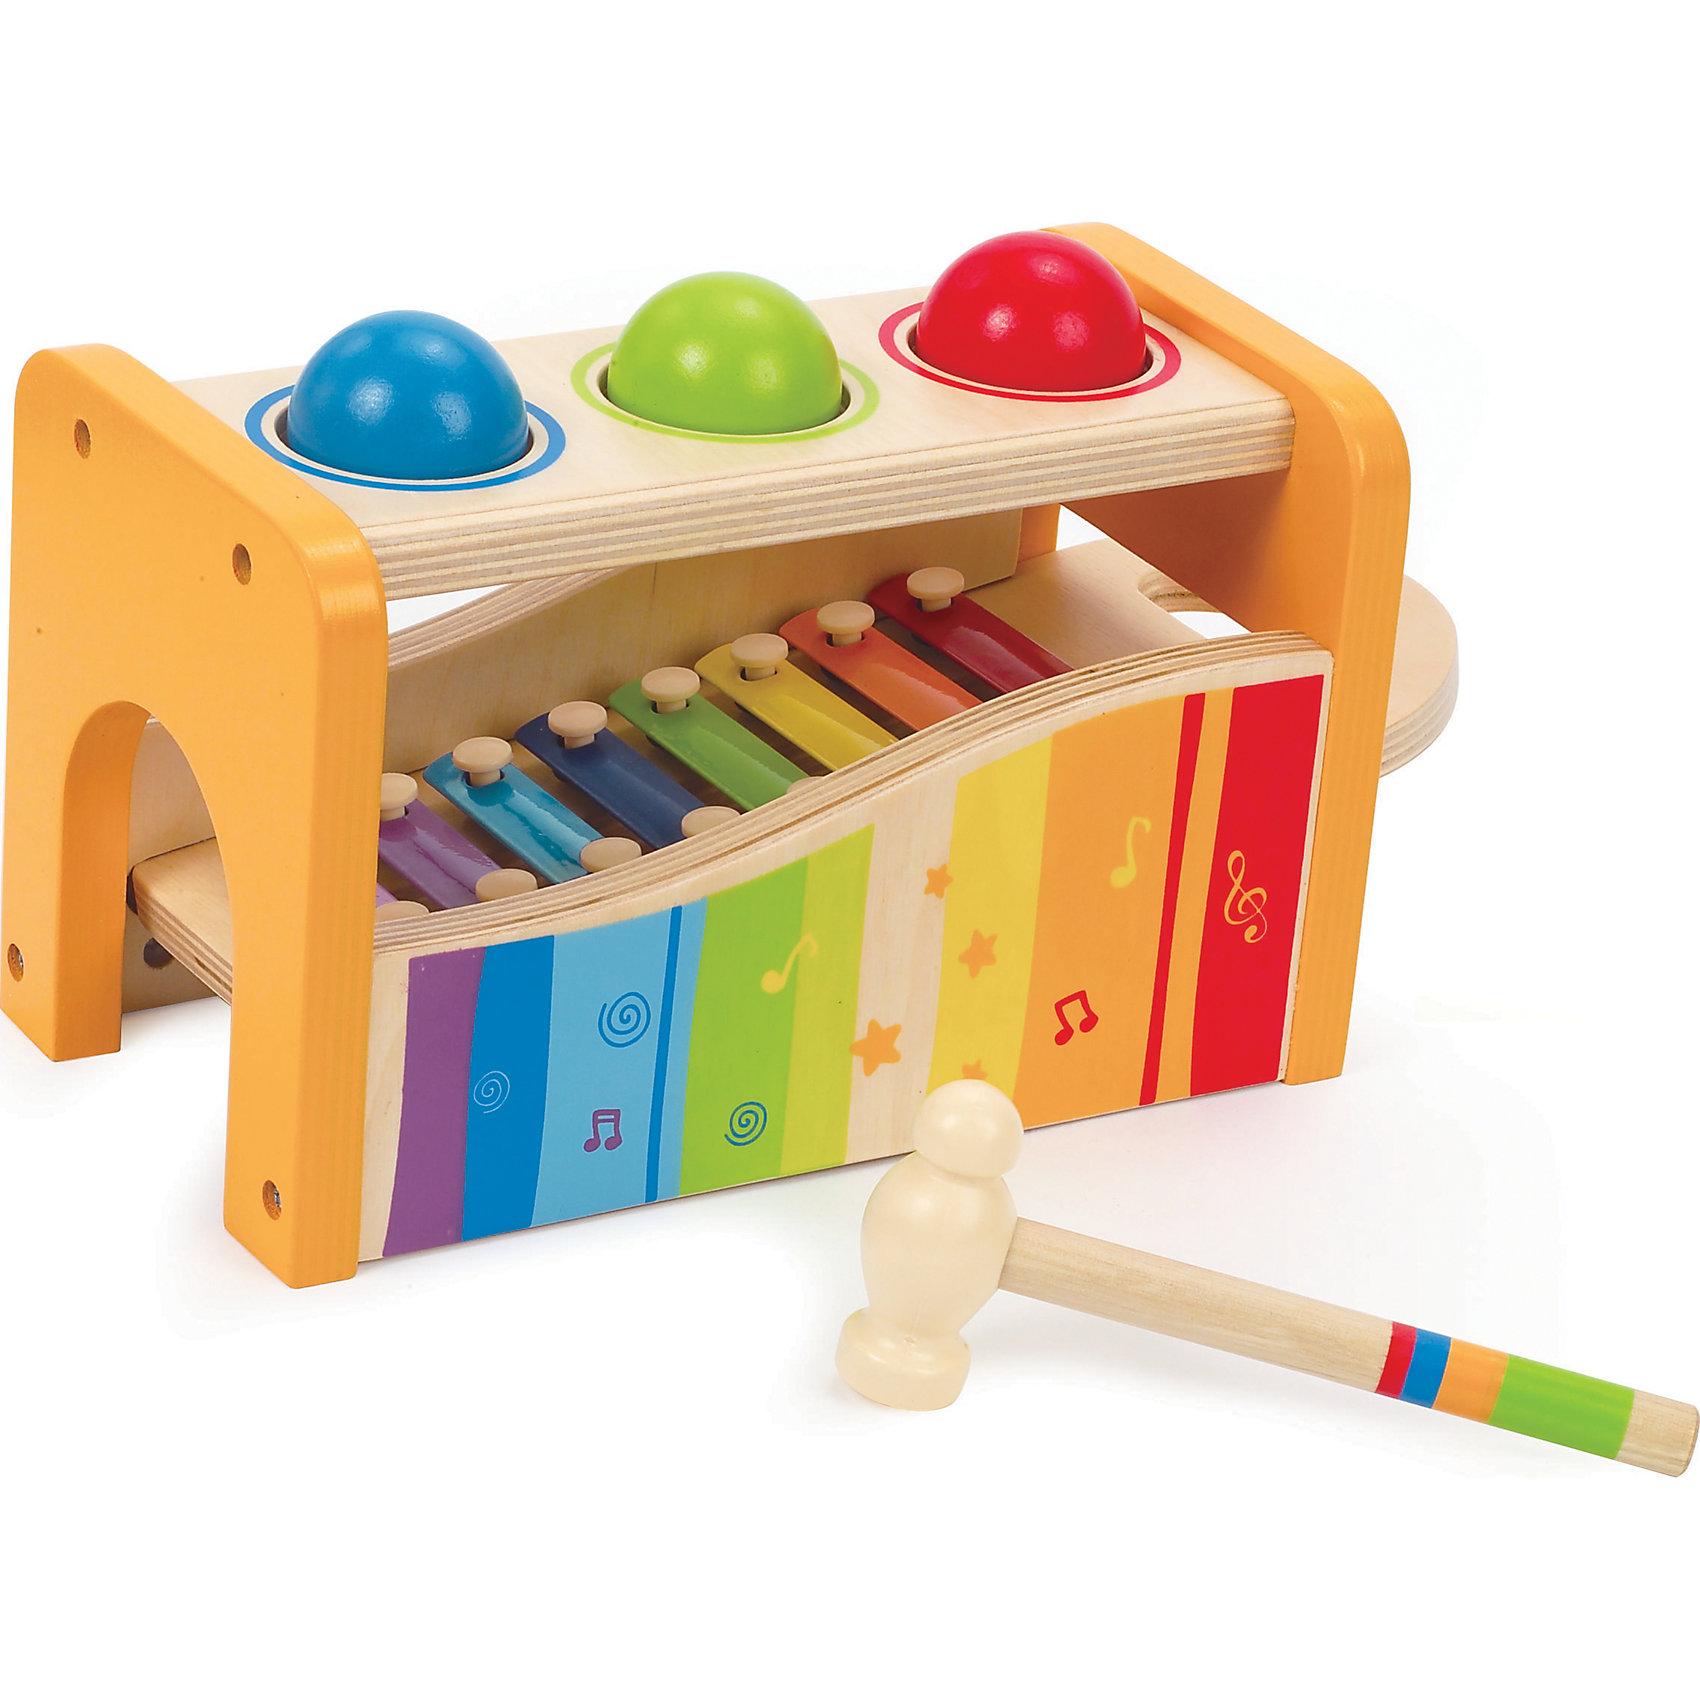 Hape Игрушка деревянная Музыкальный набор, Hape каталки hape игрушка деревянная бабочка